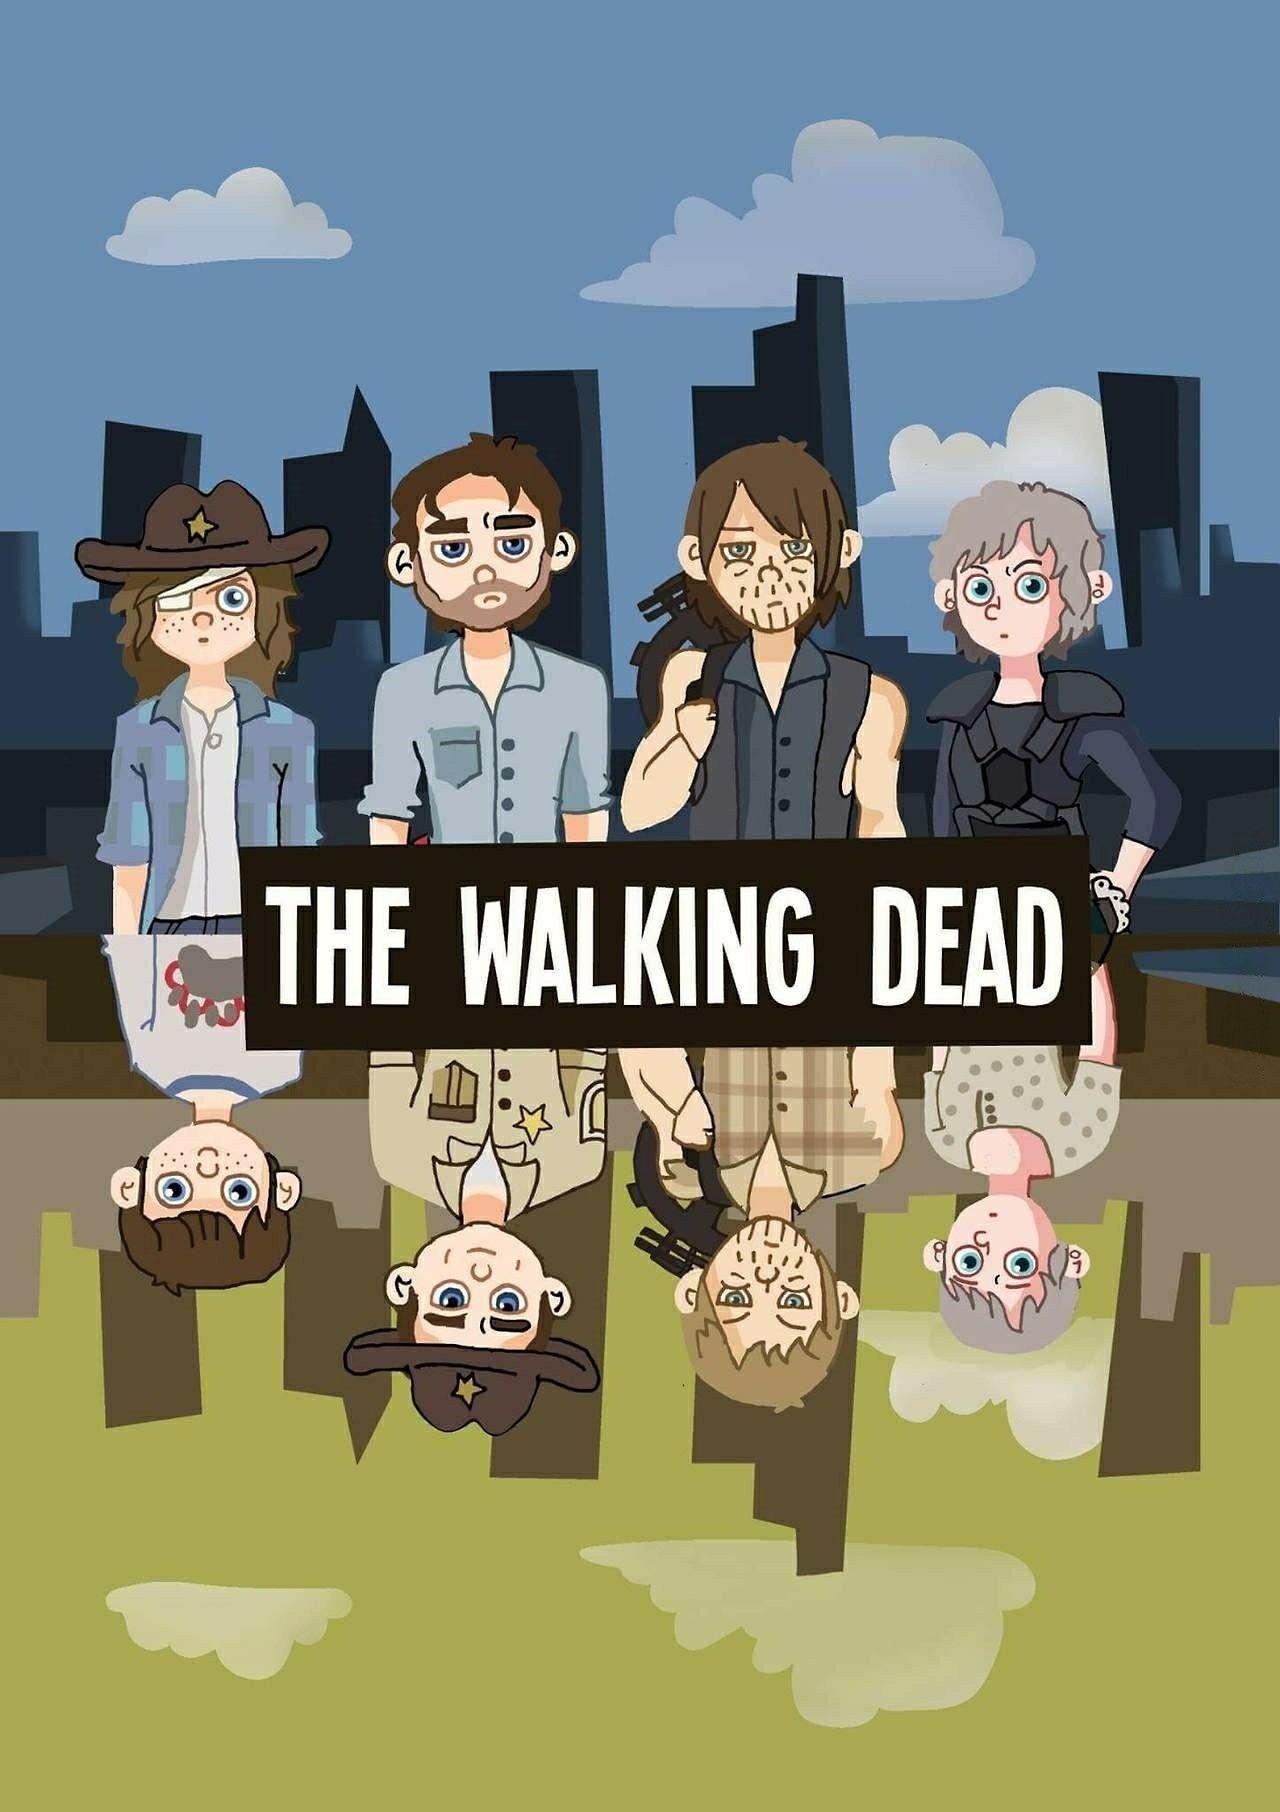 The Walking Dead Carol Wallpapers Twd The Walking Dead